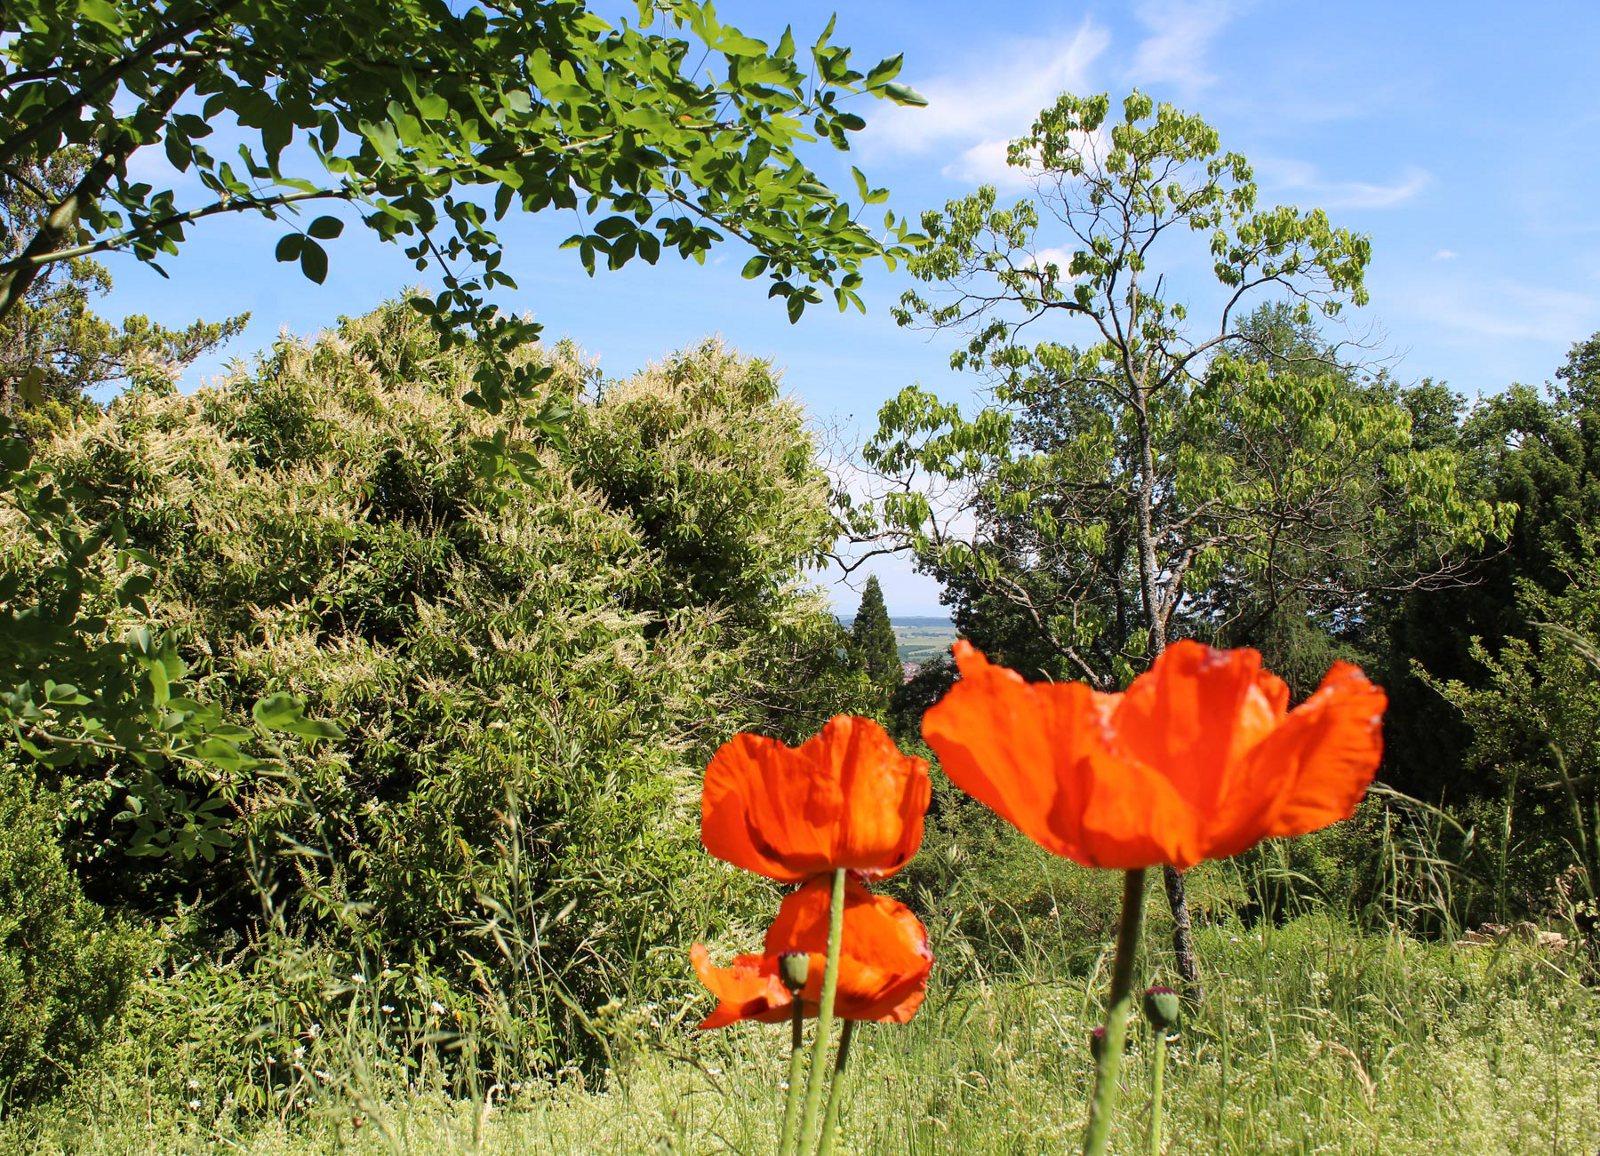 Le Jardin botanique du col de Saverne